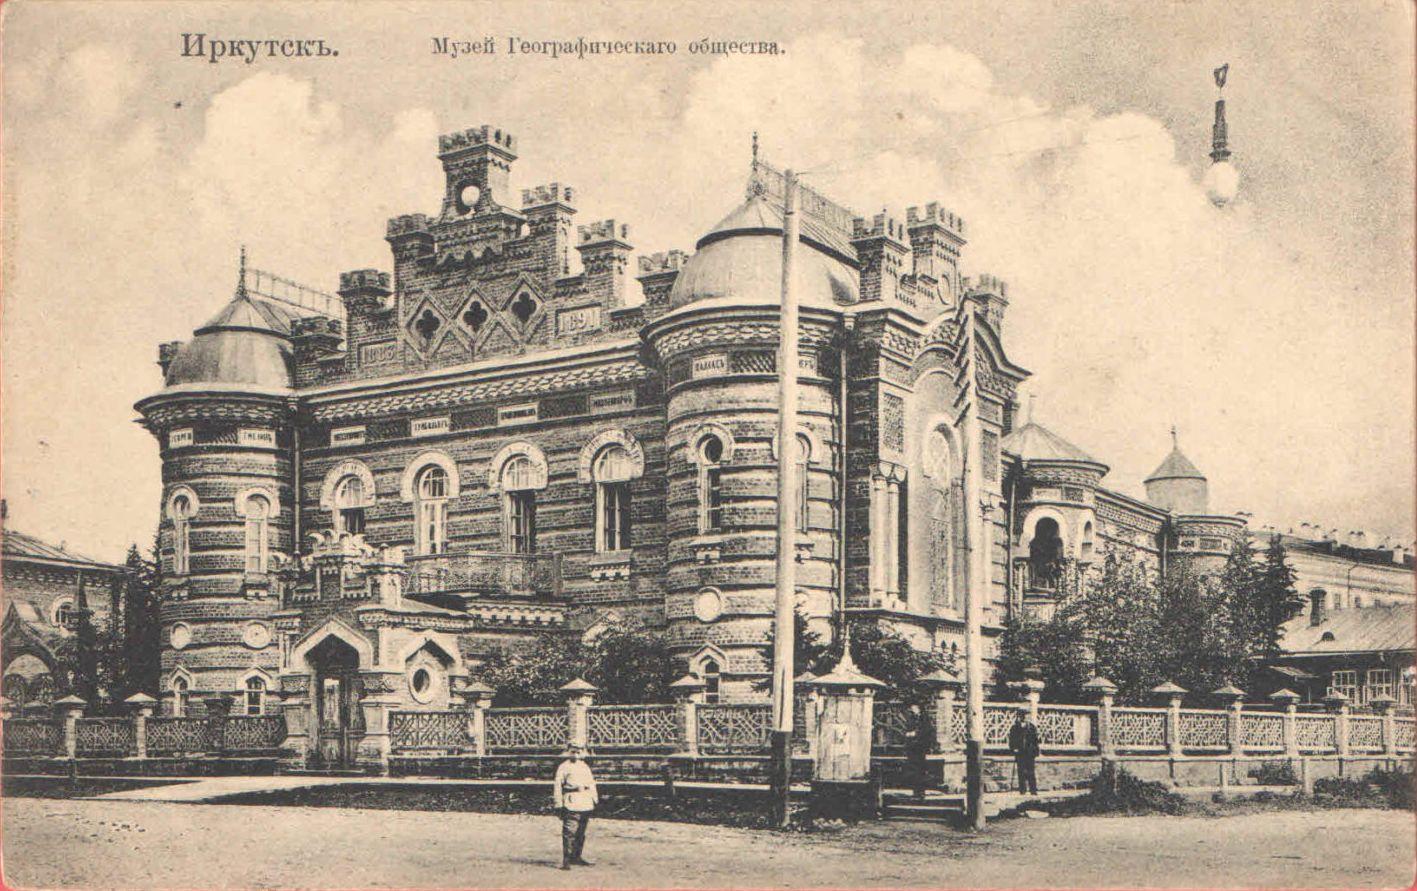 Большая улица. Музей Географического общества